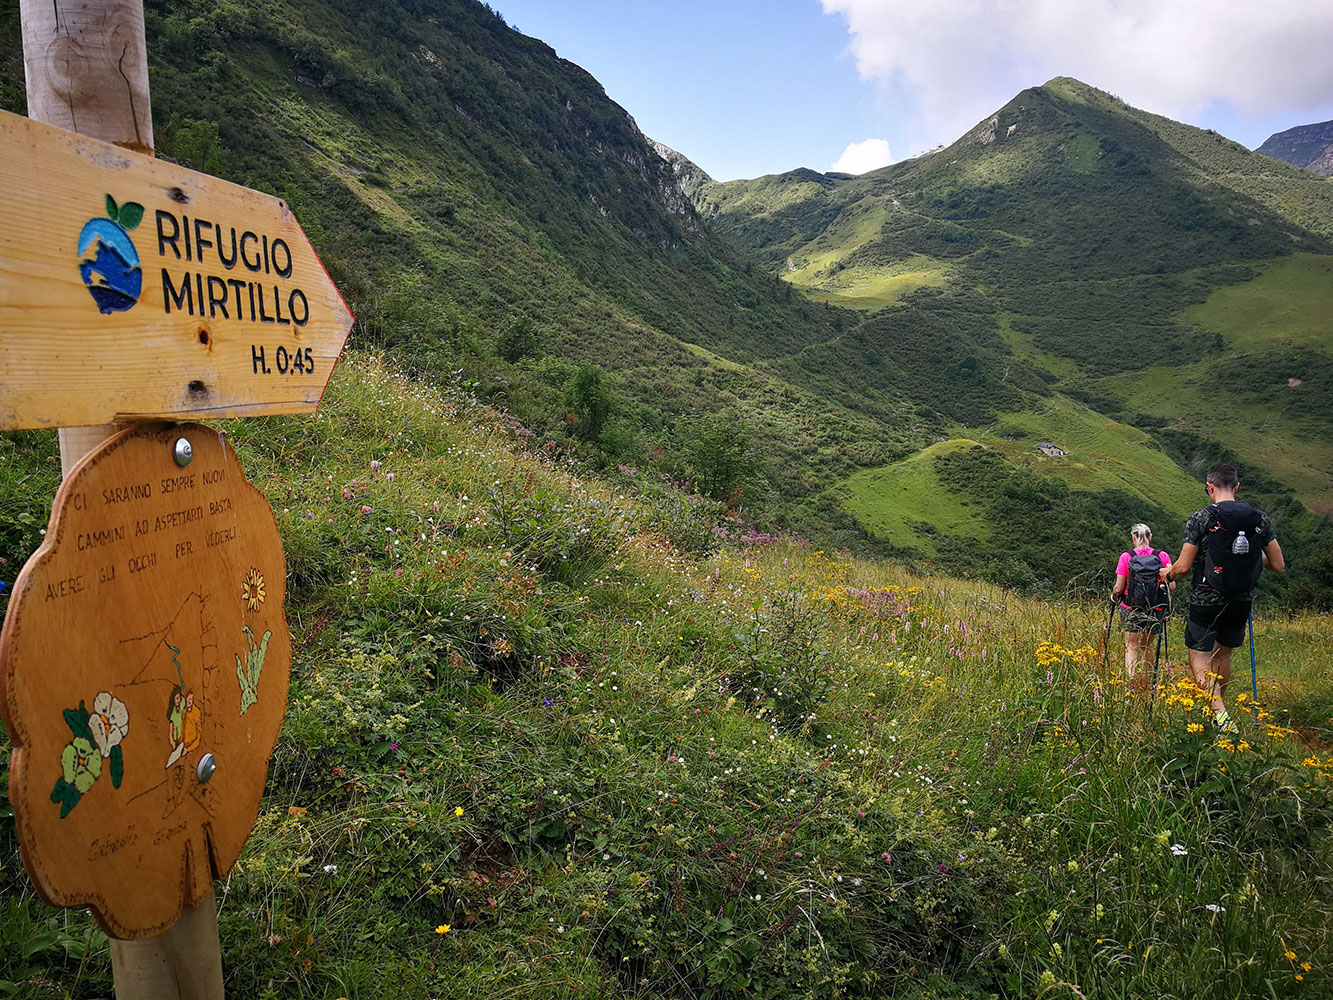 escursioni-lizzola-rifugio-mirtillo